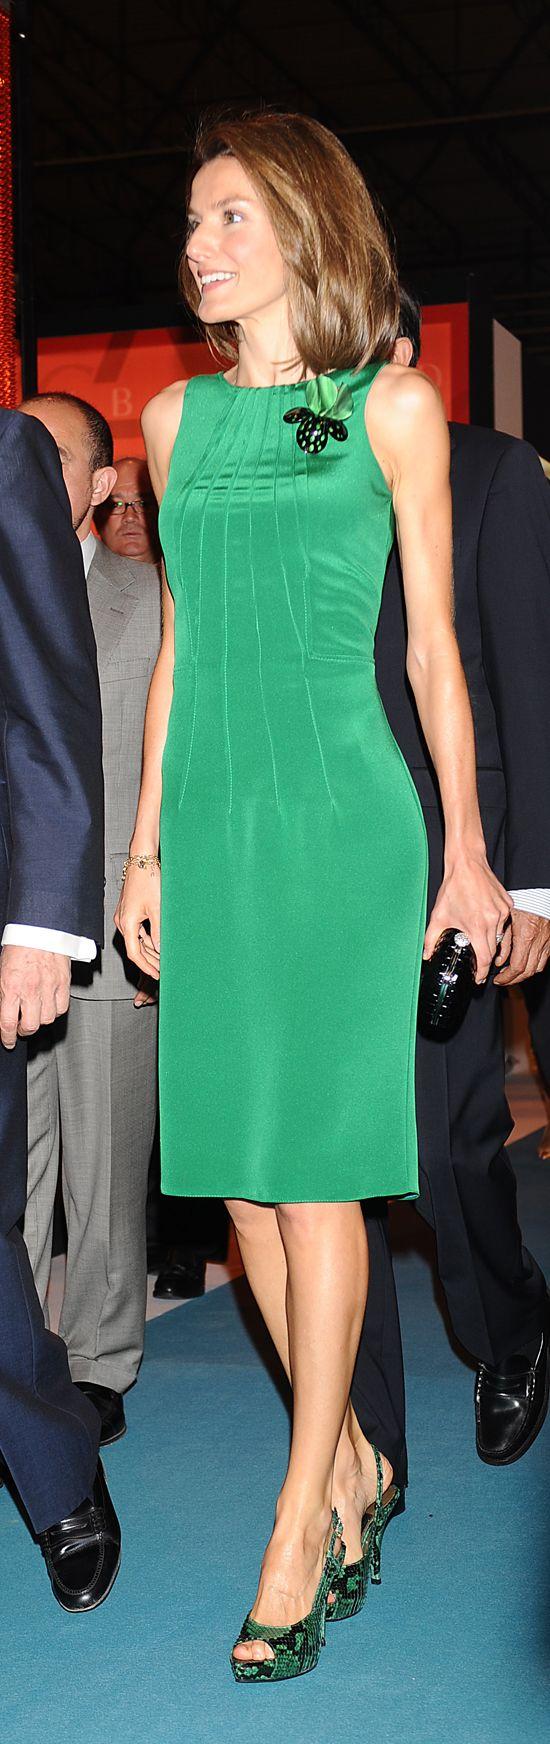 verde ,el vestido es divno los zapatos fabulosos ,no tires nada de reptil